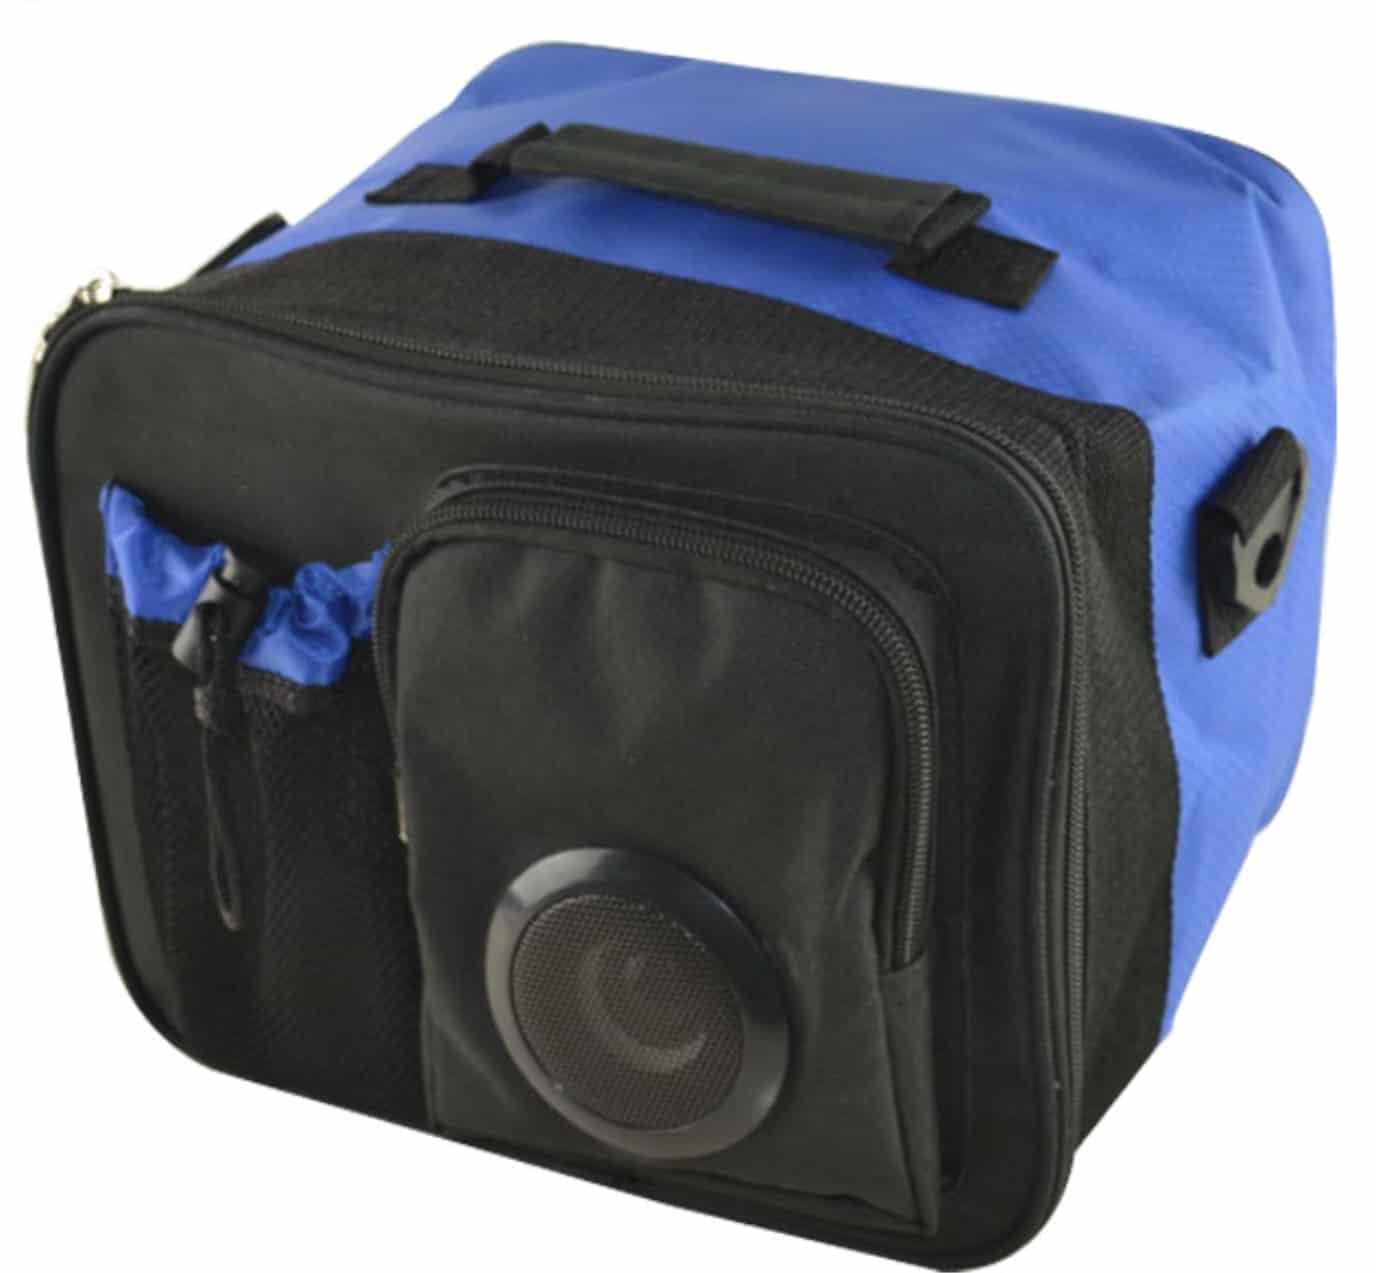 Werbemittel für IT & Consulting, Kühltasche mit Bluetooth Box